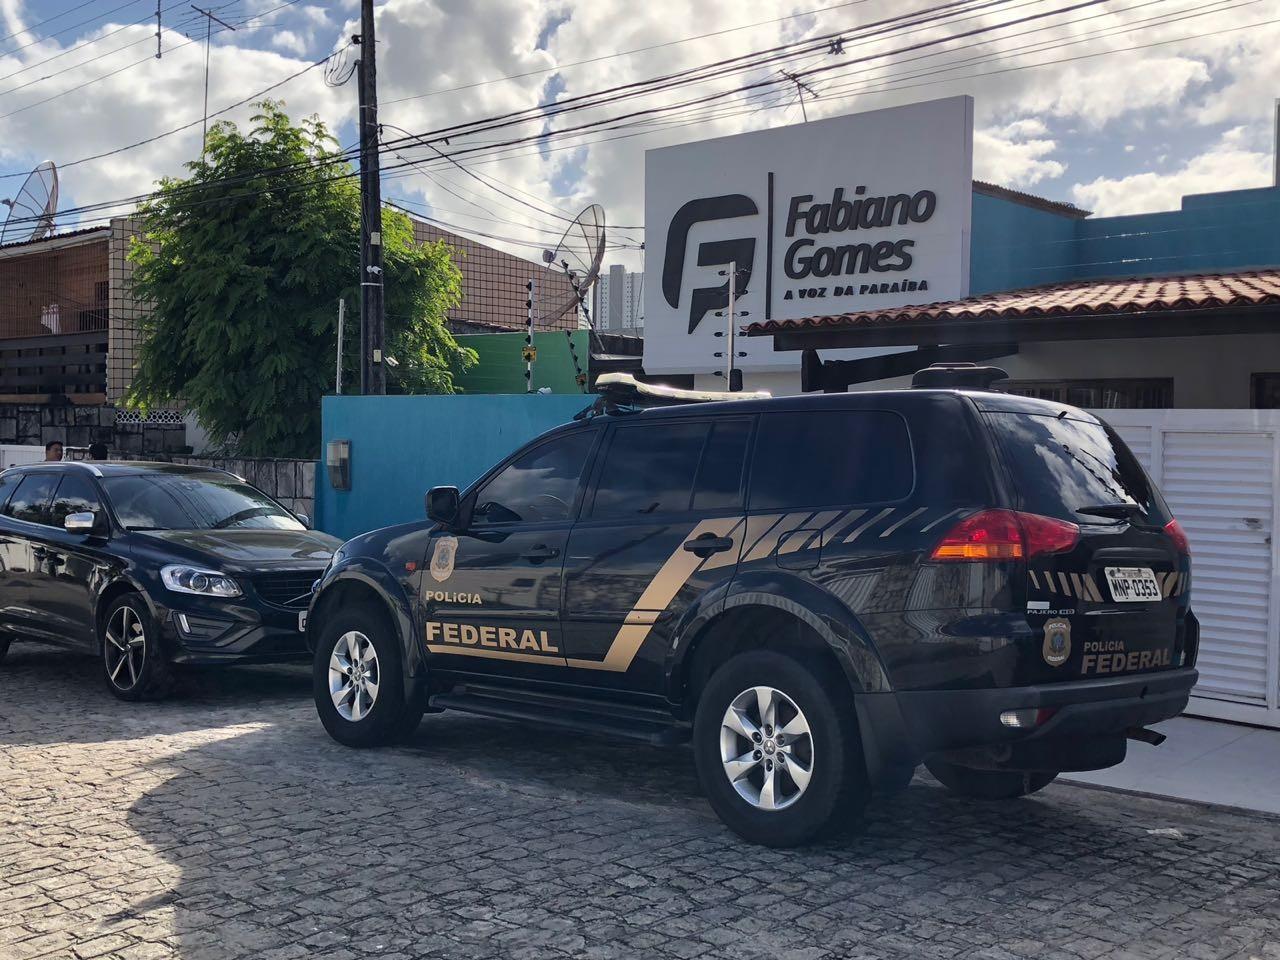 Compra de mandato em Cabedelo, PB, foi proposta por radialista, aponta denúncia